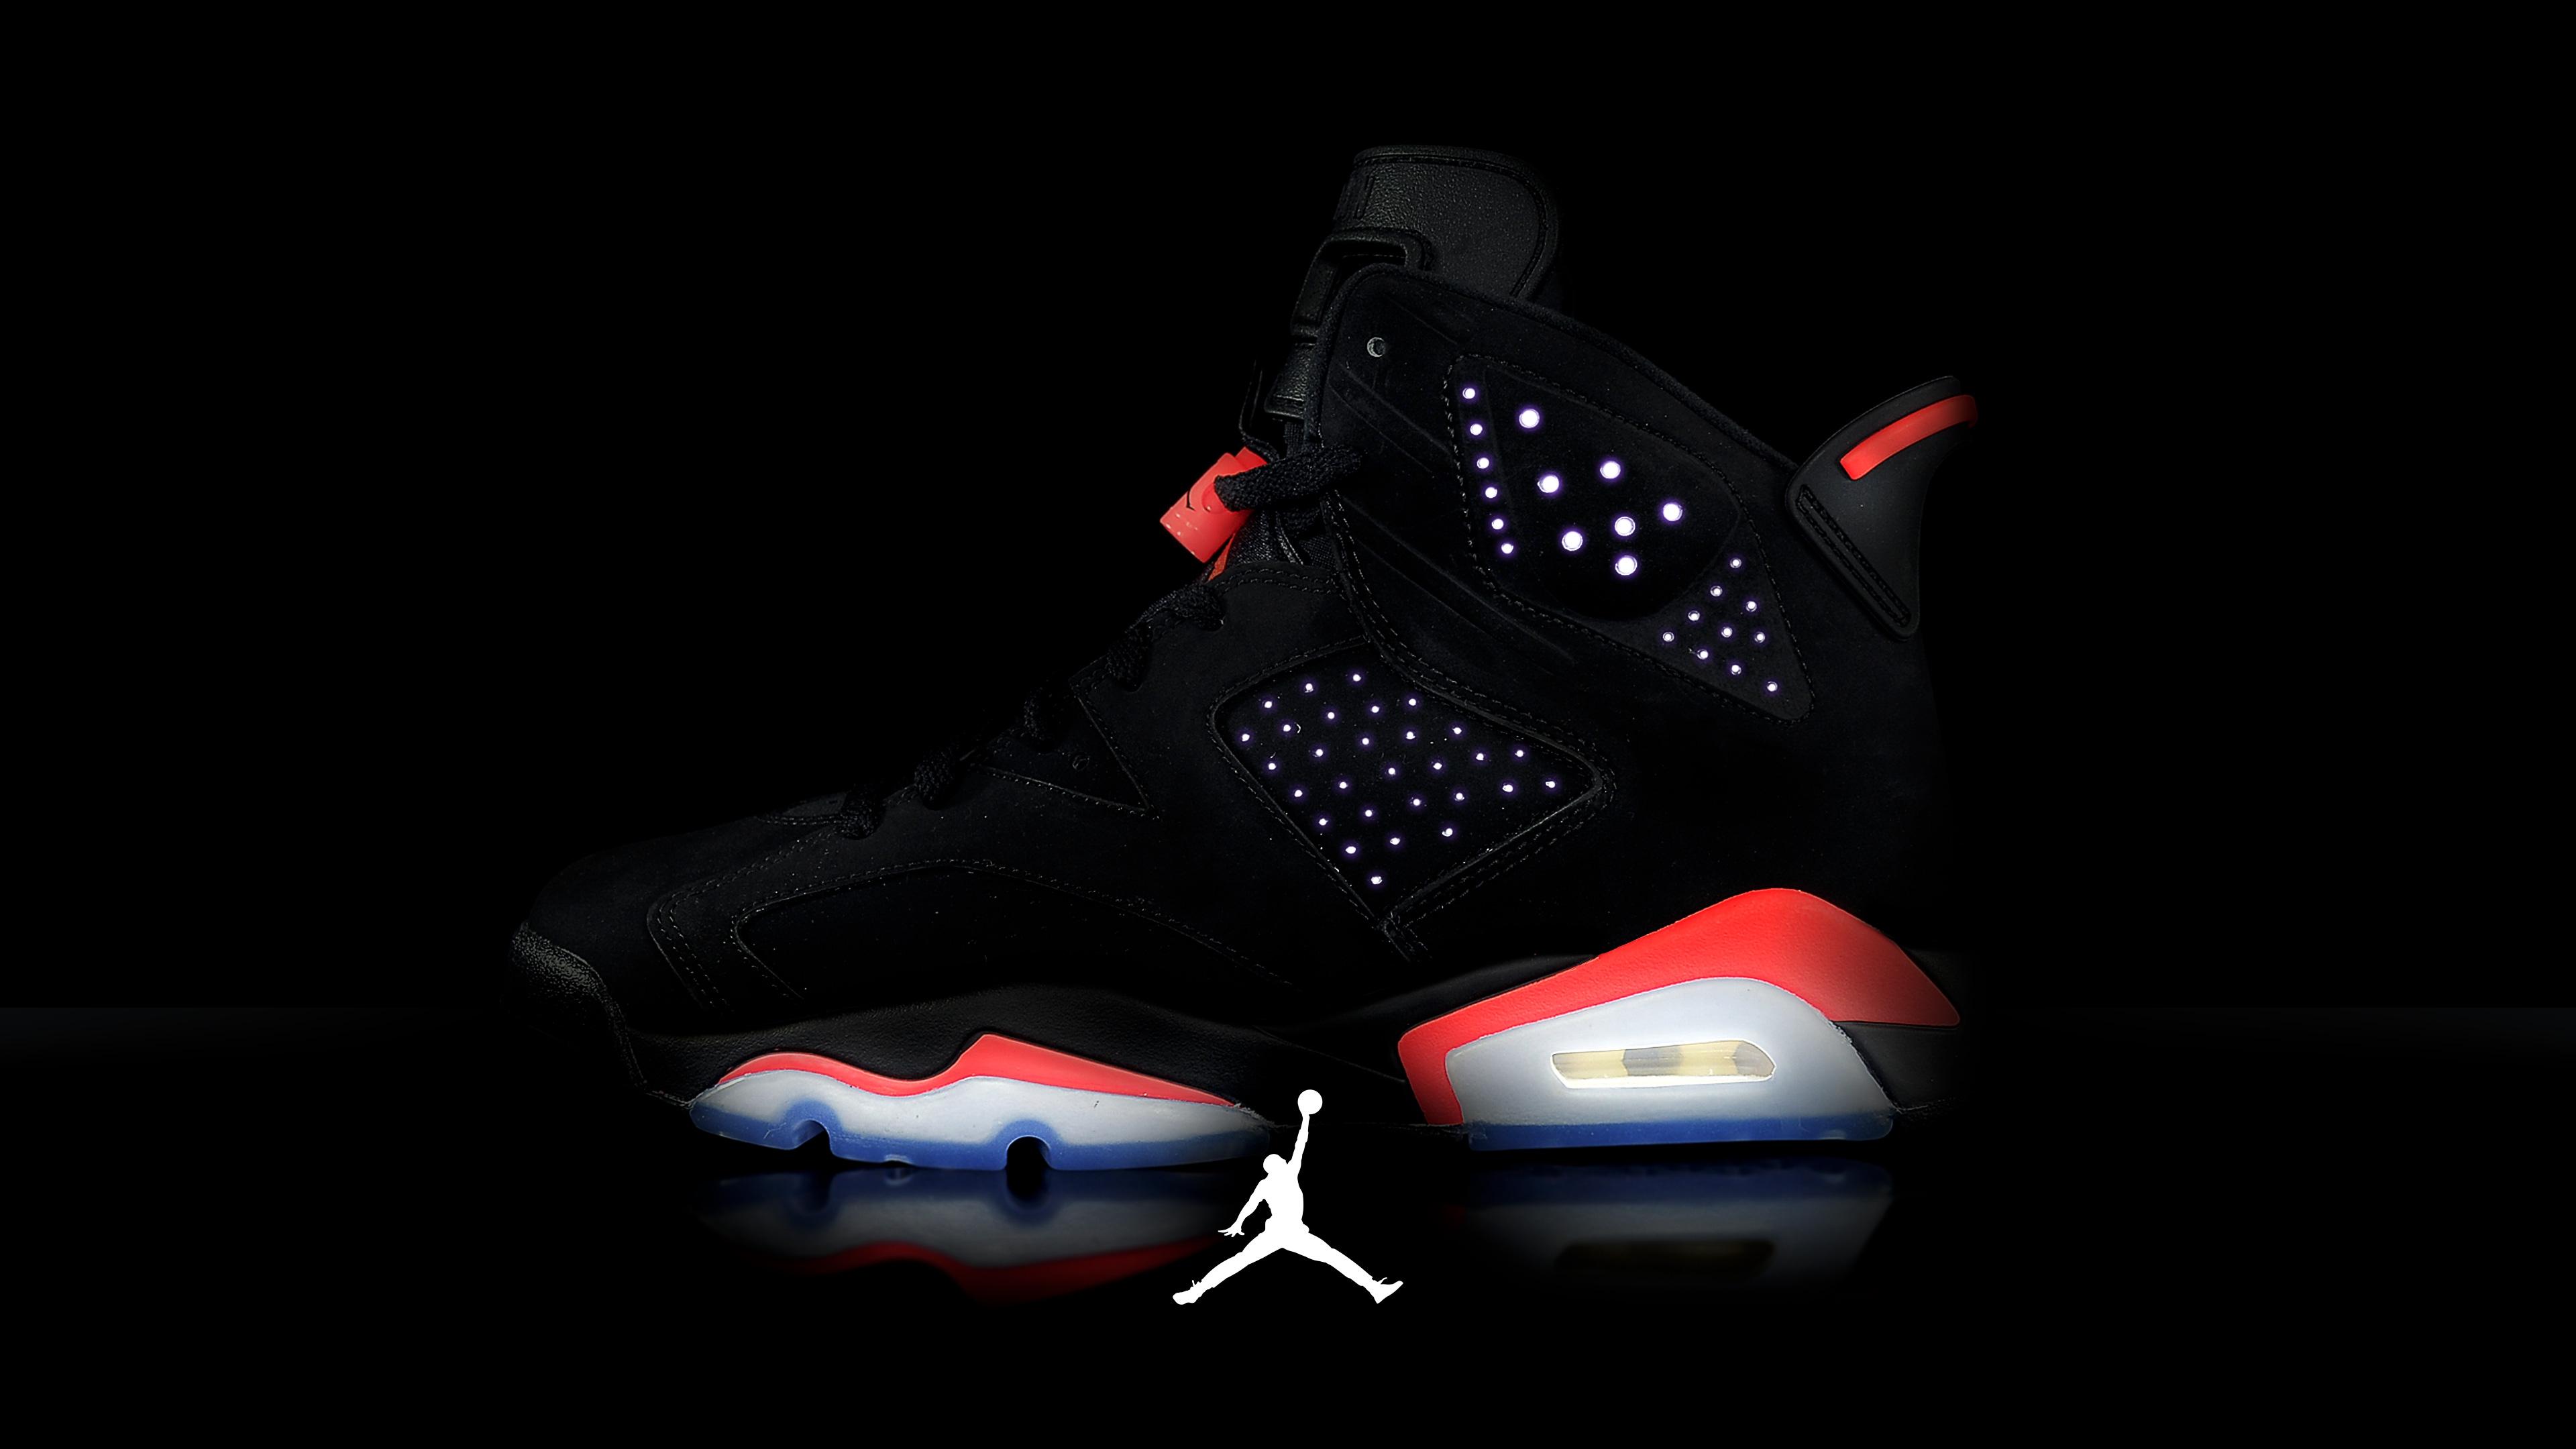 Download Air Jordan Shoes Wallpapers 3840x2160